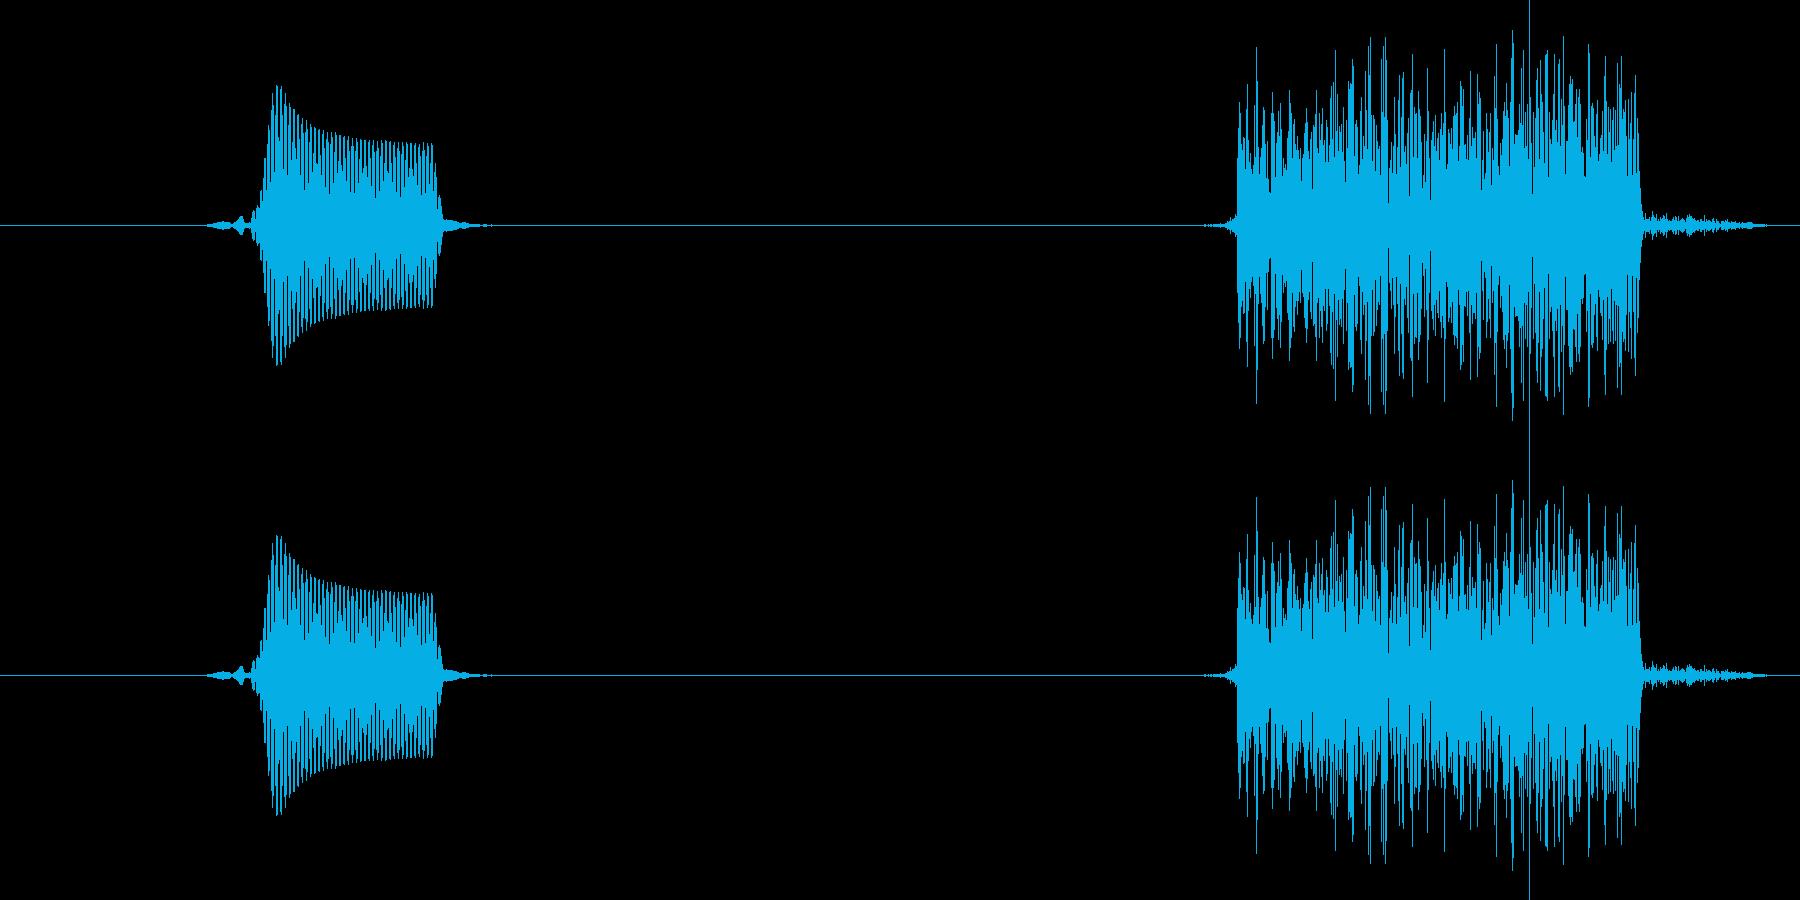 ぽちっ(ボタンスイッチを押す音)の再生済みの波形